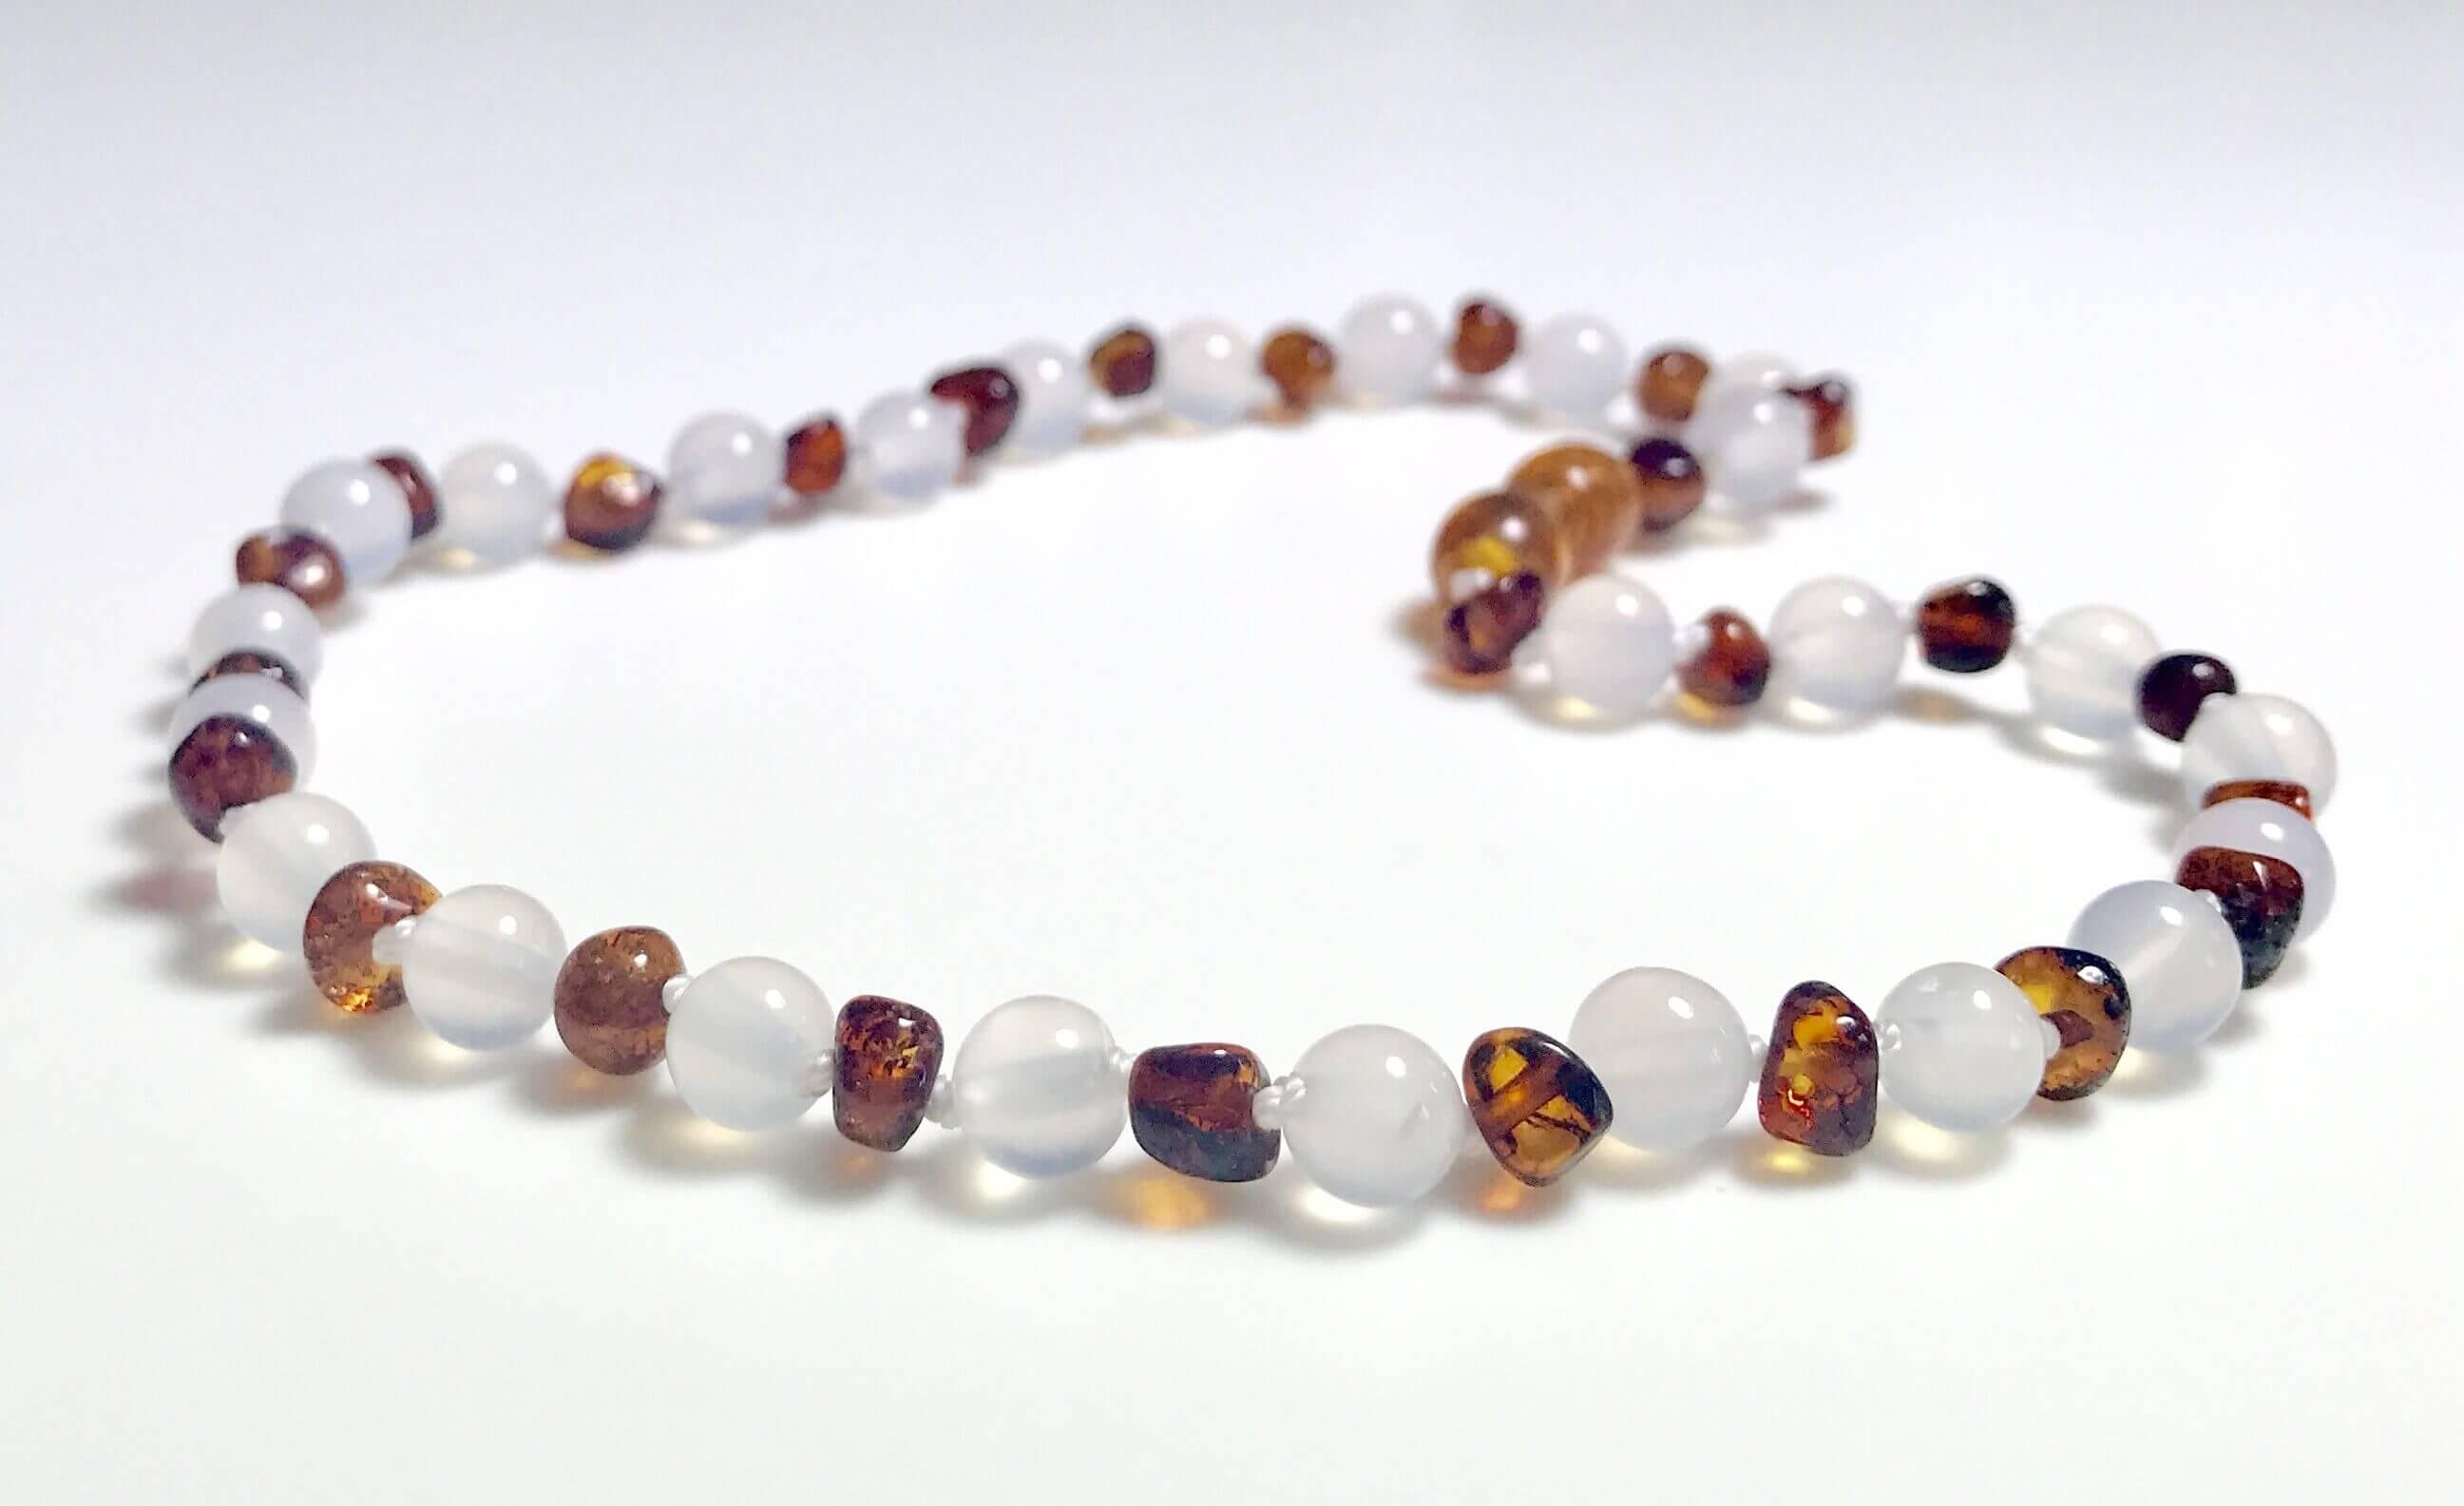 fec56baa2c3 Nouveau collier d Ambre bébé couleur Caramel et Agate banche